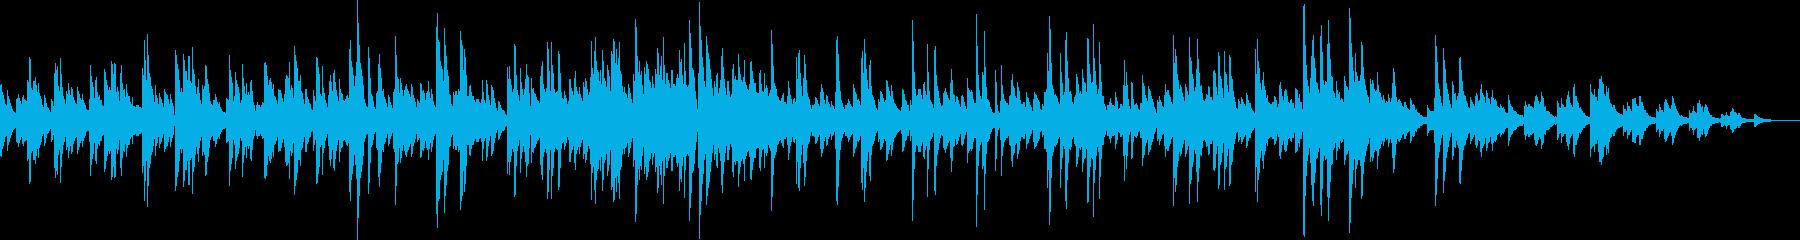 ジャジーなピアノクリスマスメドレーの再生済みの波形